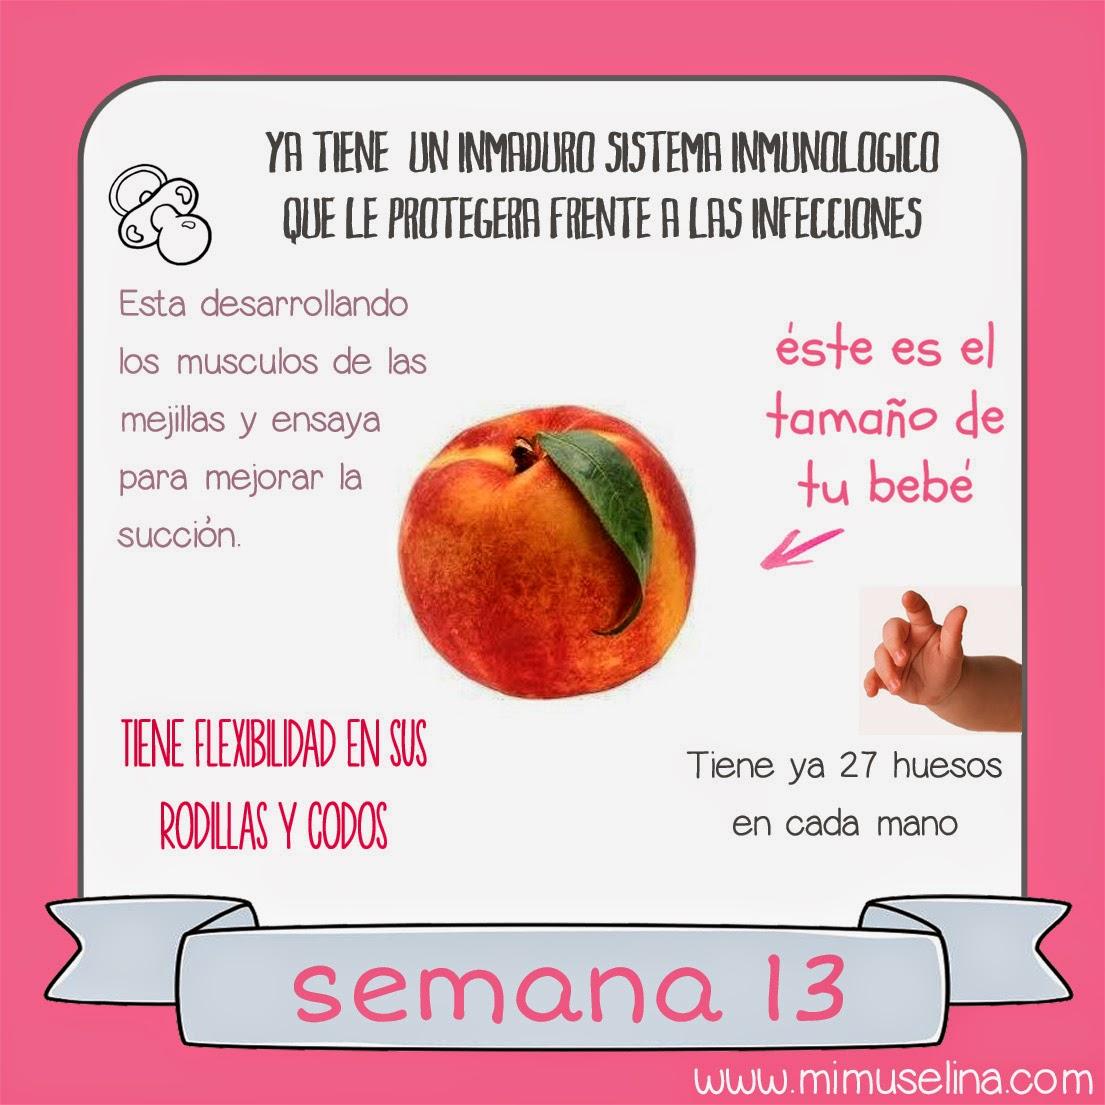 Bebeblog by mimuselina semana 13 embarazo tama o y evoluci n del beb mimuselina - 15 semanas de embarazo cuantos meses son ...